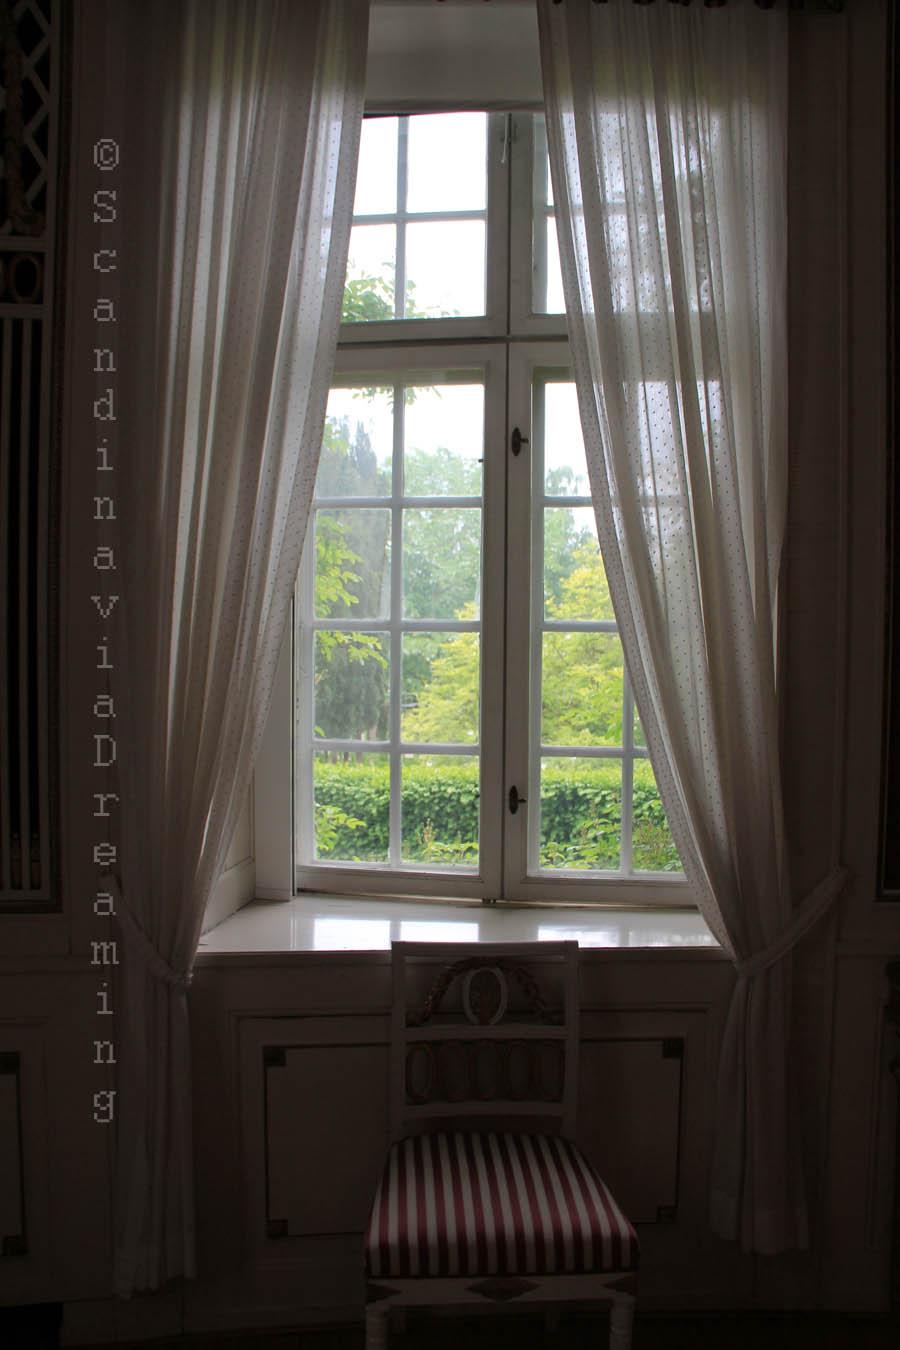 Fenêtre du musée Ordrupgaard